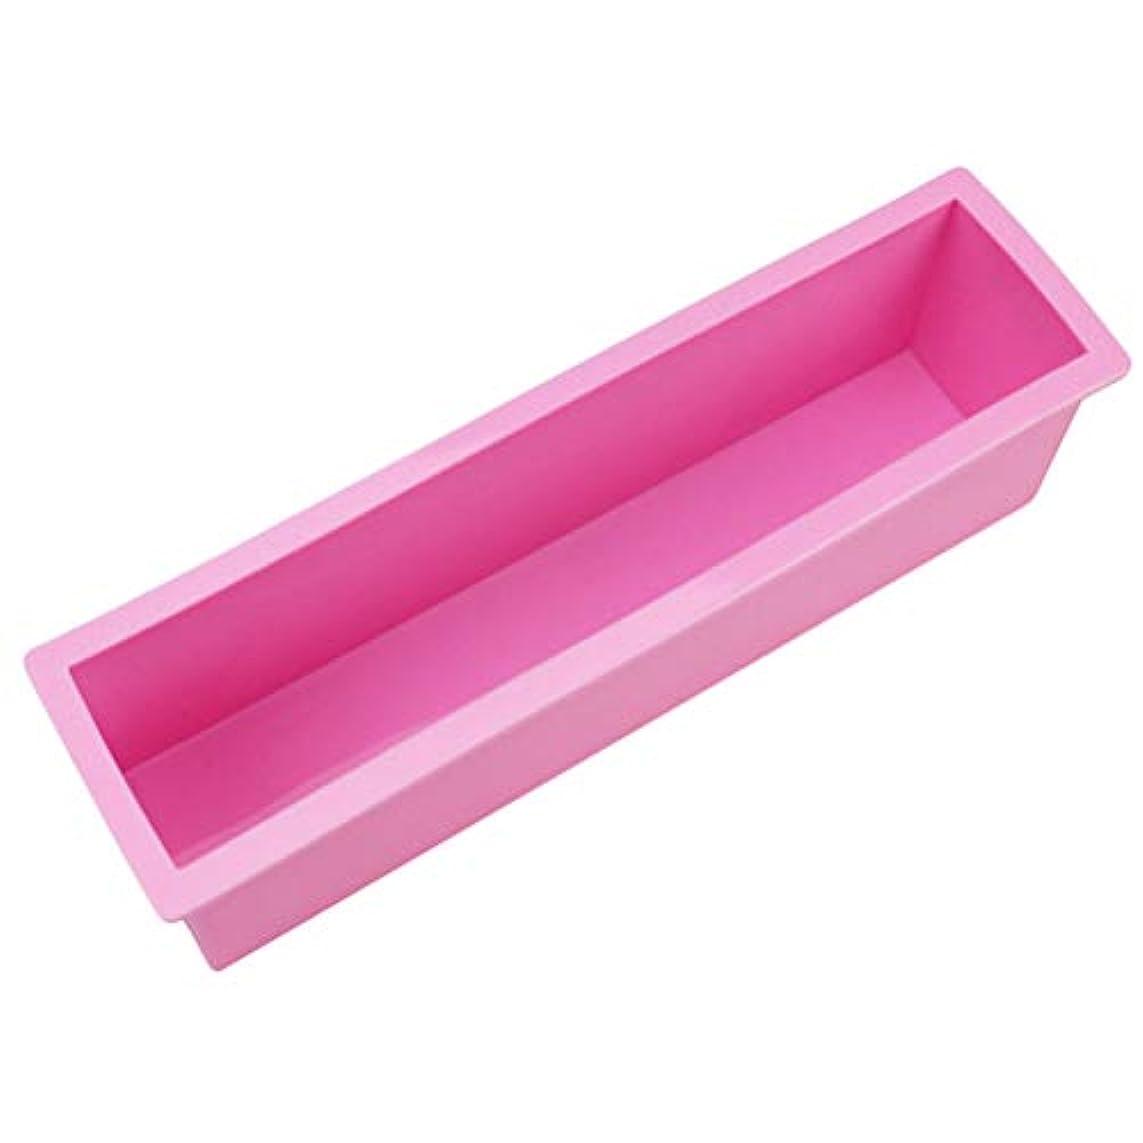 アヒル心理的家禽Yardwe 石鹸ケーキミートローフ用品のための柔軟な長方形のシリコンソープモールドロープ(ランダムカラー)サイズL